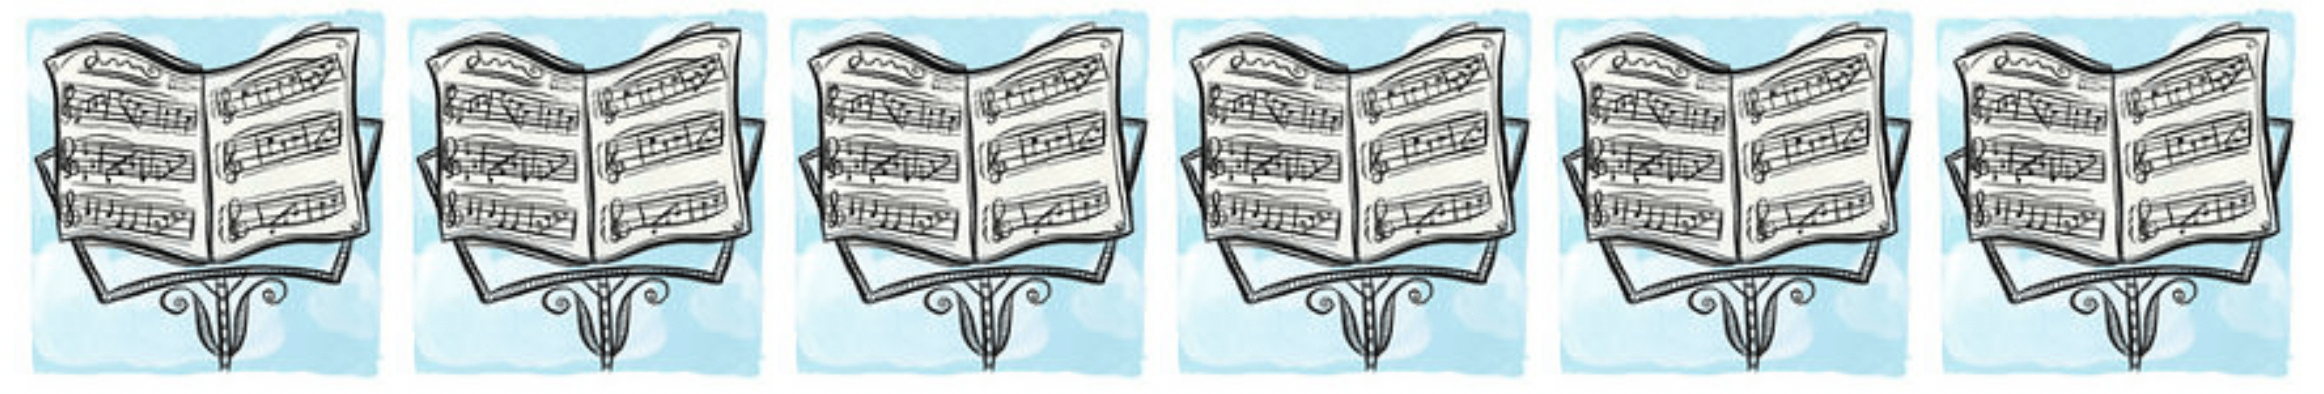 Cavatina Music